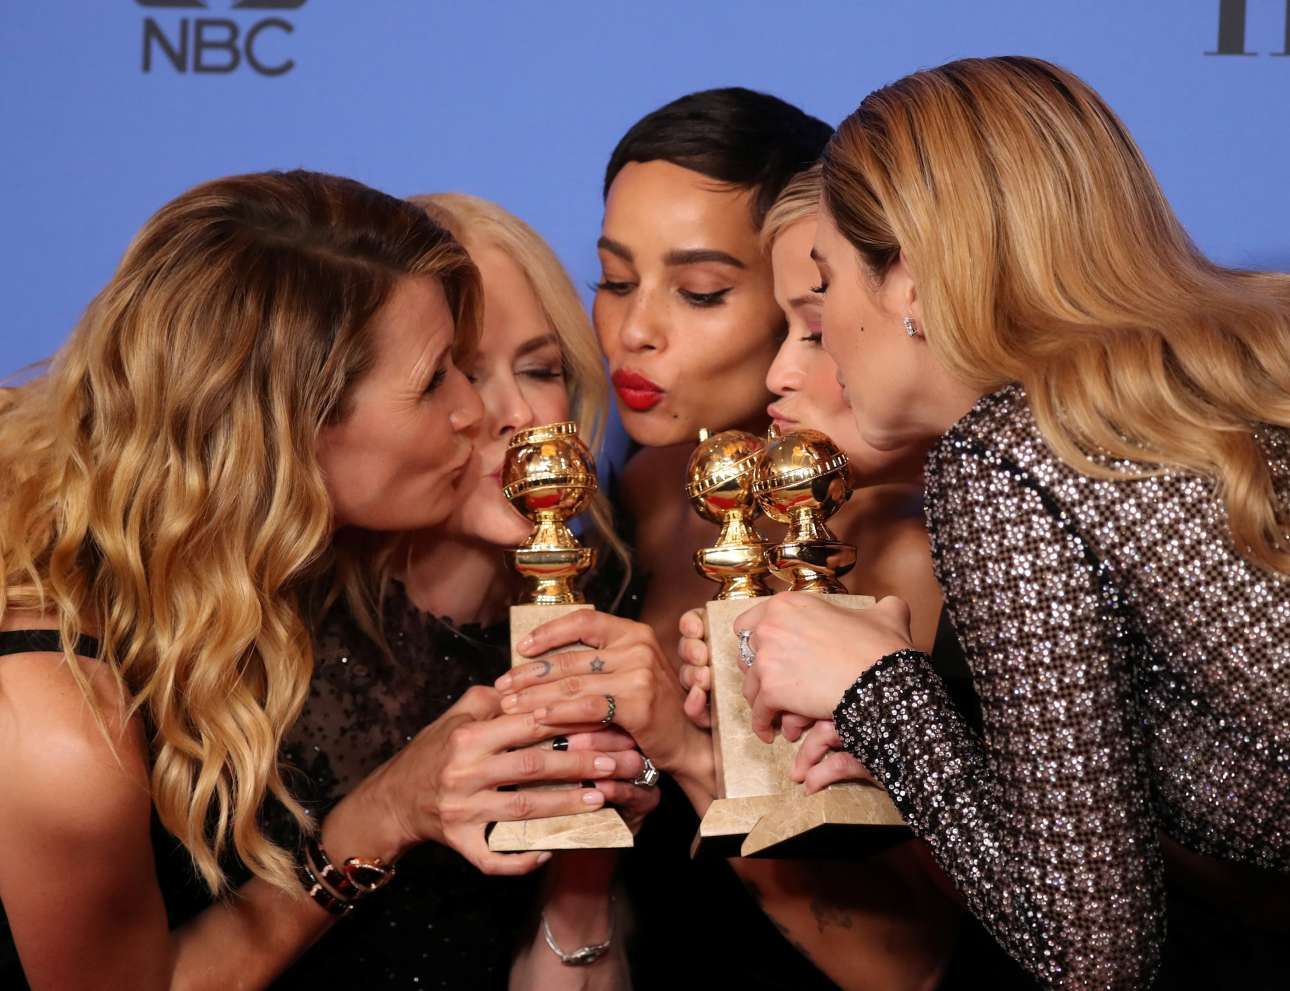 Τα κορίτσια το γλεντάνε: Λόρα Ντερν, Νικόλ Κίντμαν, Ζόε Κράβιτζ, Ρις Γουίδερσπουν και Σαϊλίν Γούντλεϊ πανηγυρίζουν για το βραβείο του «Big Little Lies», καλύτερης μίνι σειράς